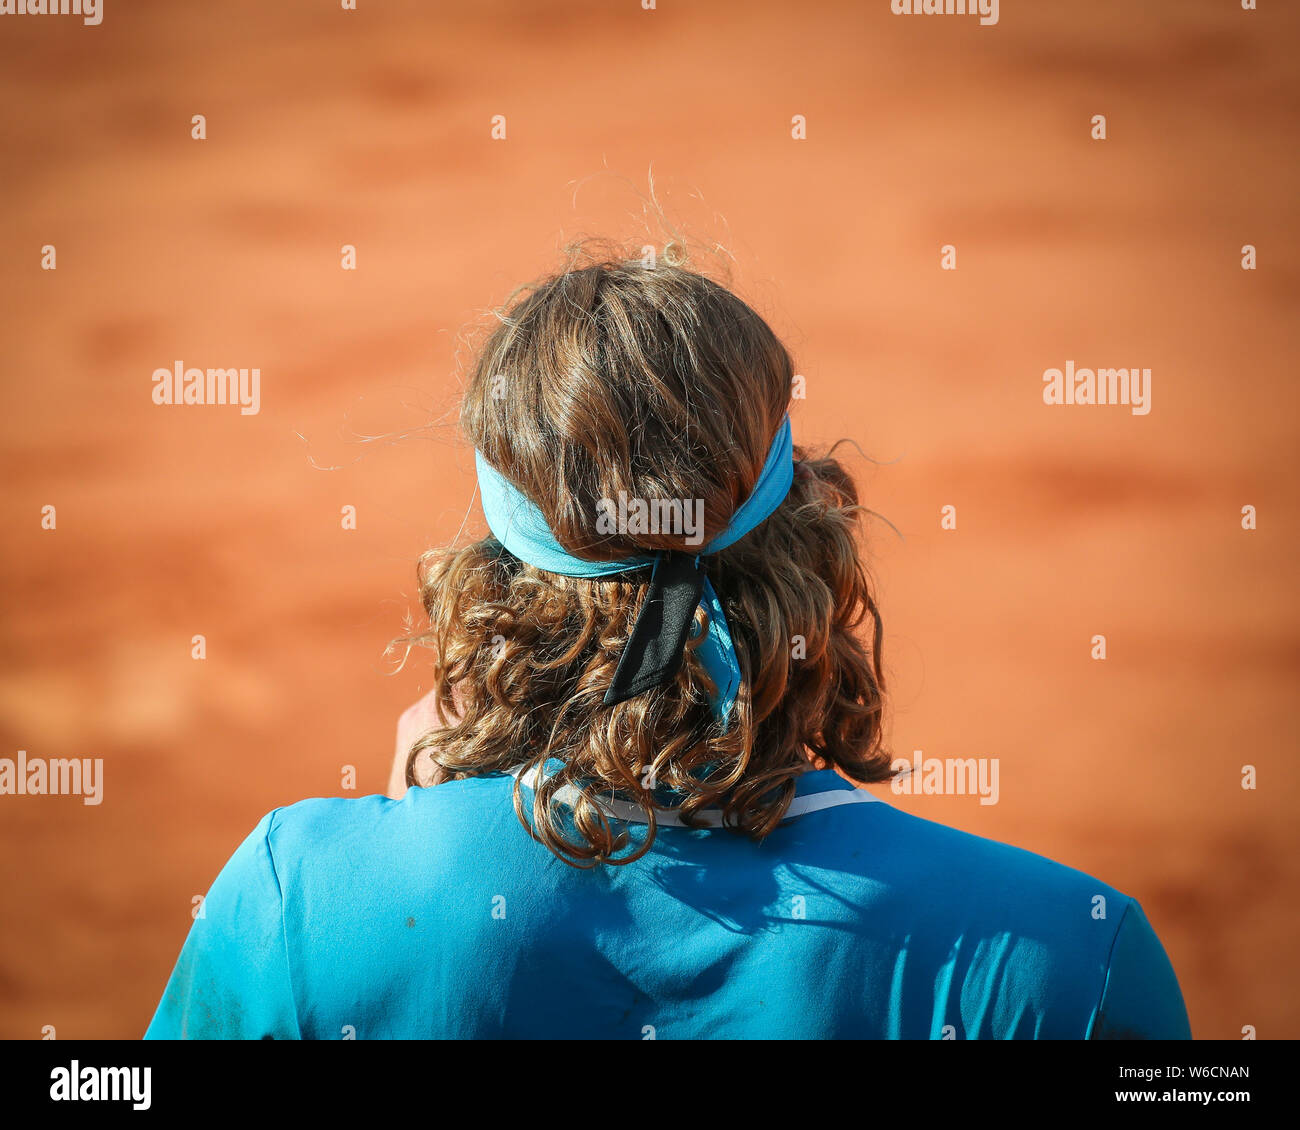 Vista trasera del jugador de tenis Stefanos Tsitsipas griego en el tribunal permanente durante el Abierto de Francia 2019, París, Francia Foto de stock